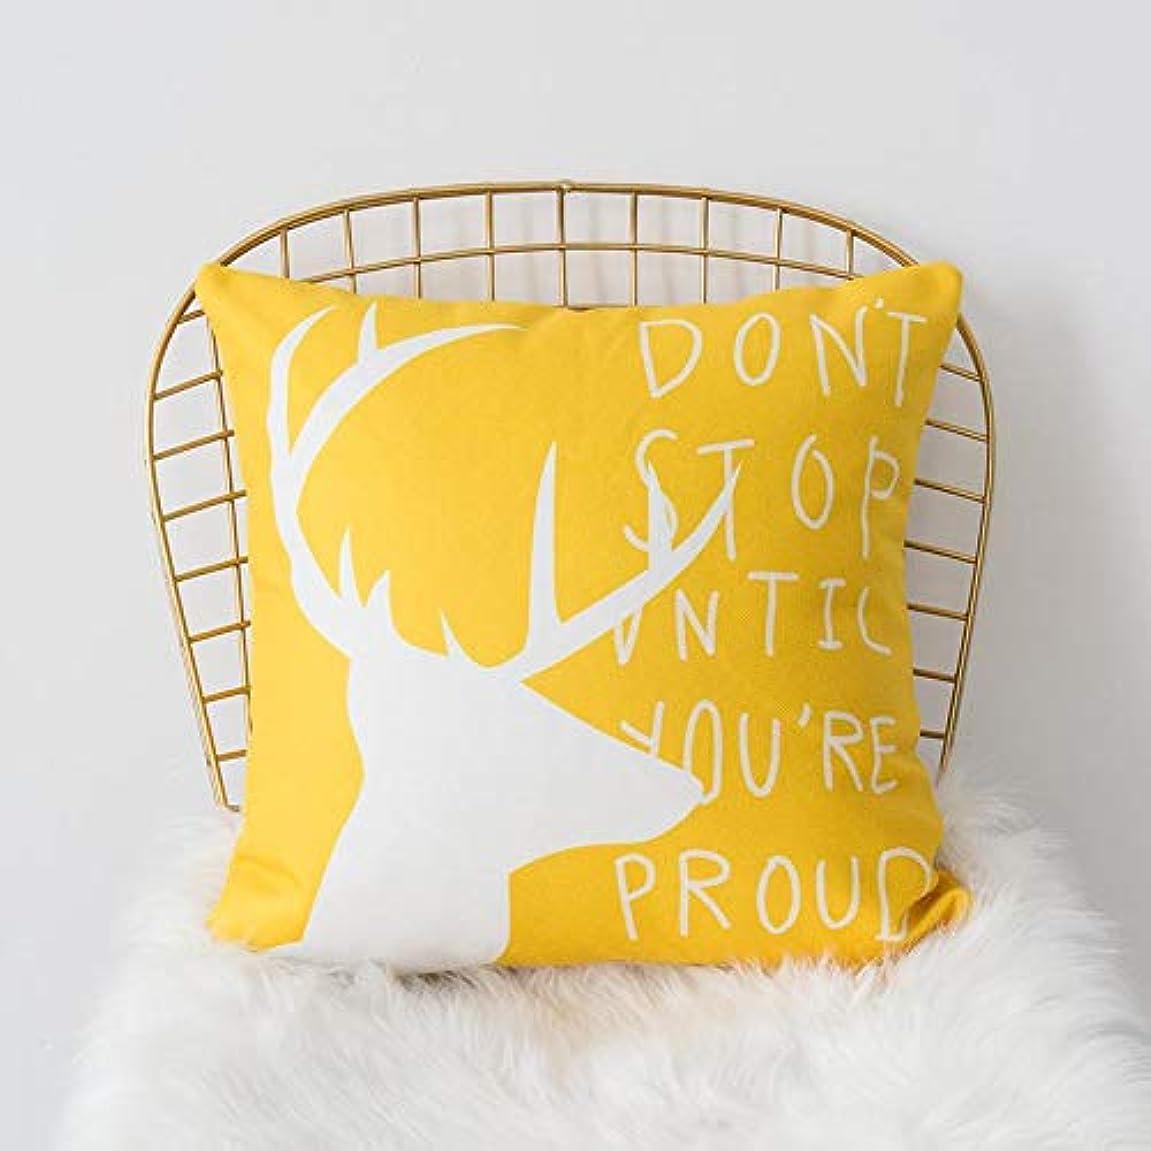 ウッズパリティのためLIFE 黄色グレー枕北欧スタイル黄色ヘラジカ幾何枕リビングルームのインテリアソファクッション Cojines 装飾良質 クッション 椅子